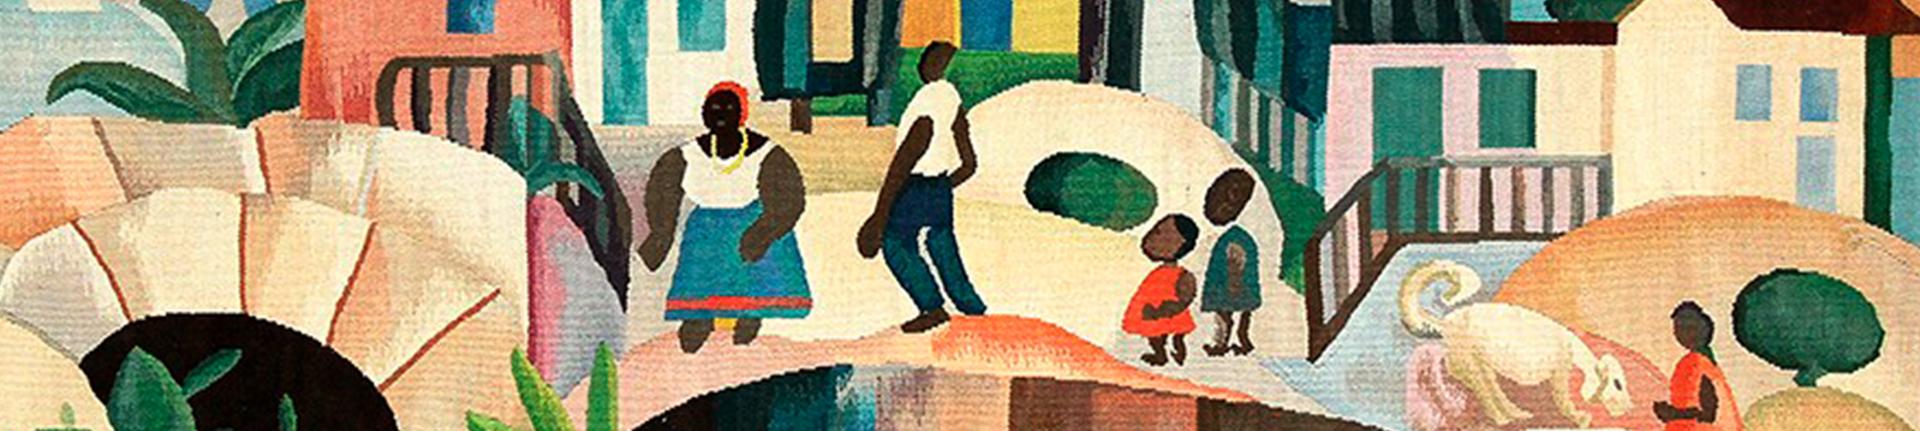 Pintoras brasileiras para lembrar e valorizar